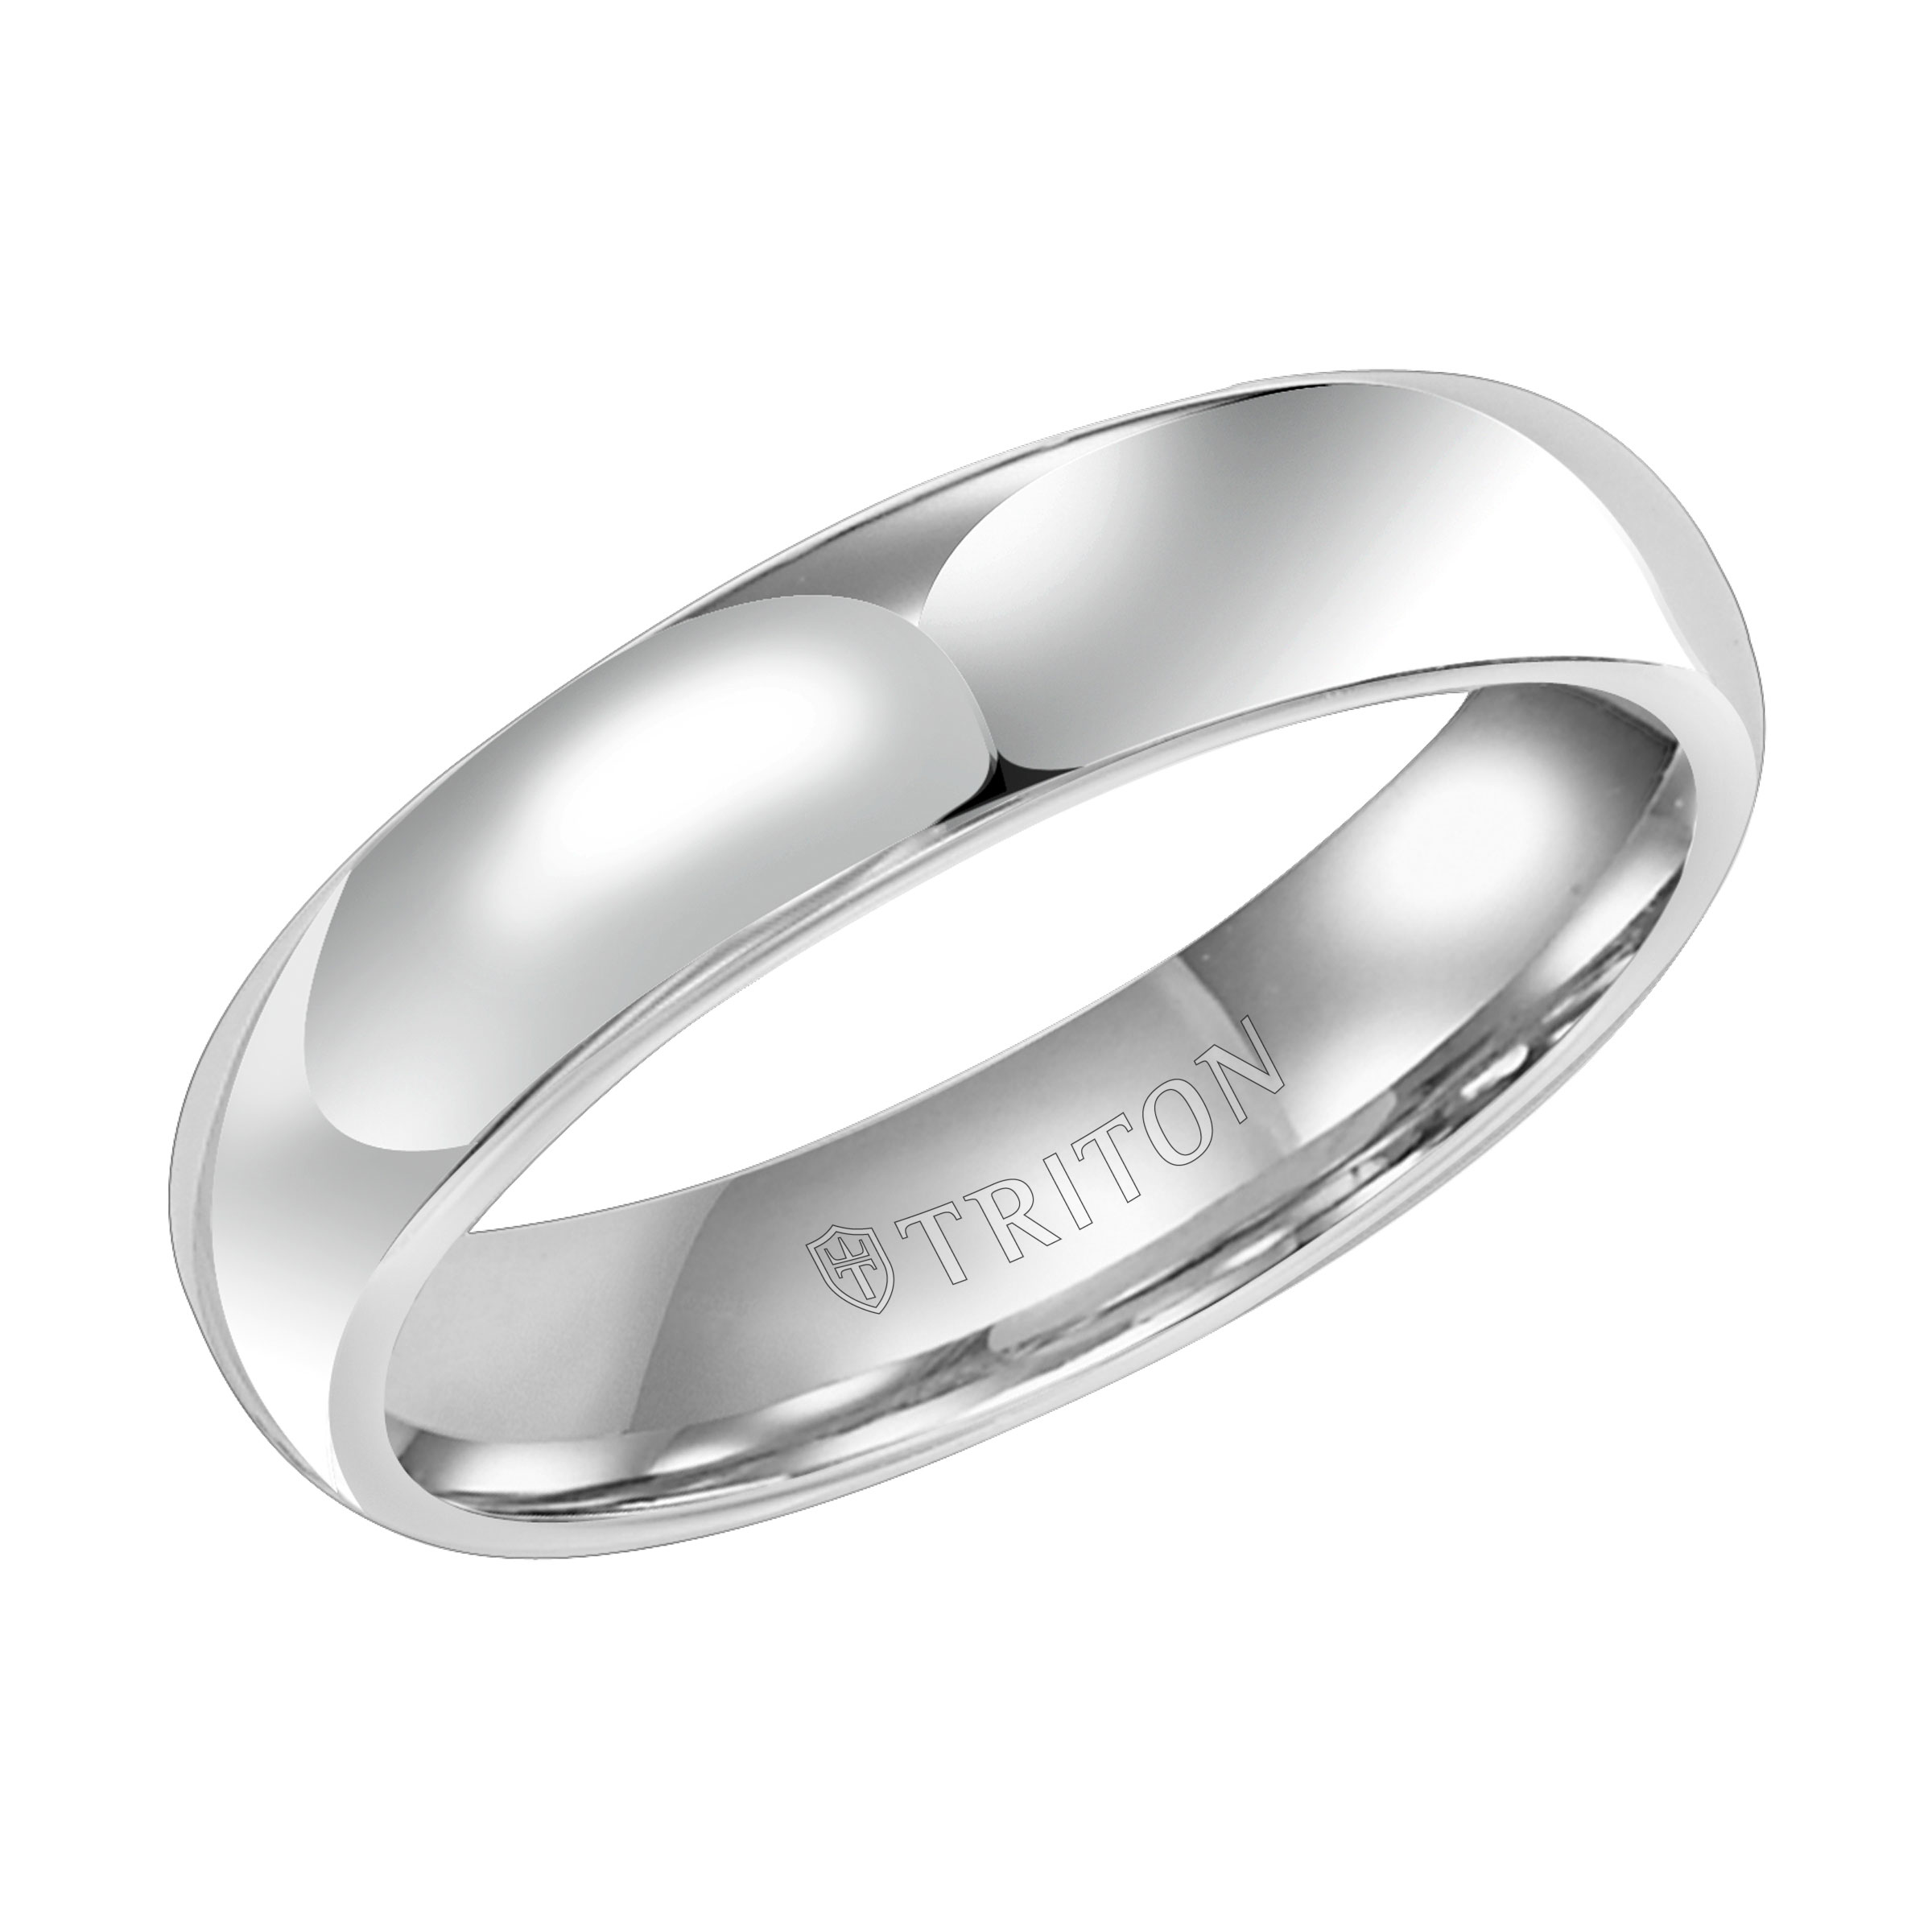 Triton 11 3616hc5 G0 Contempo Jewelers